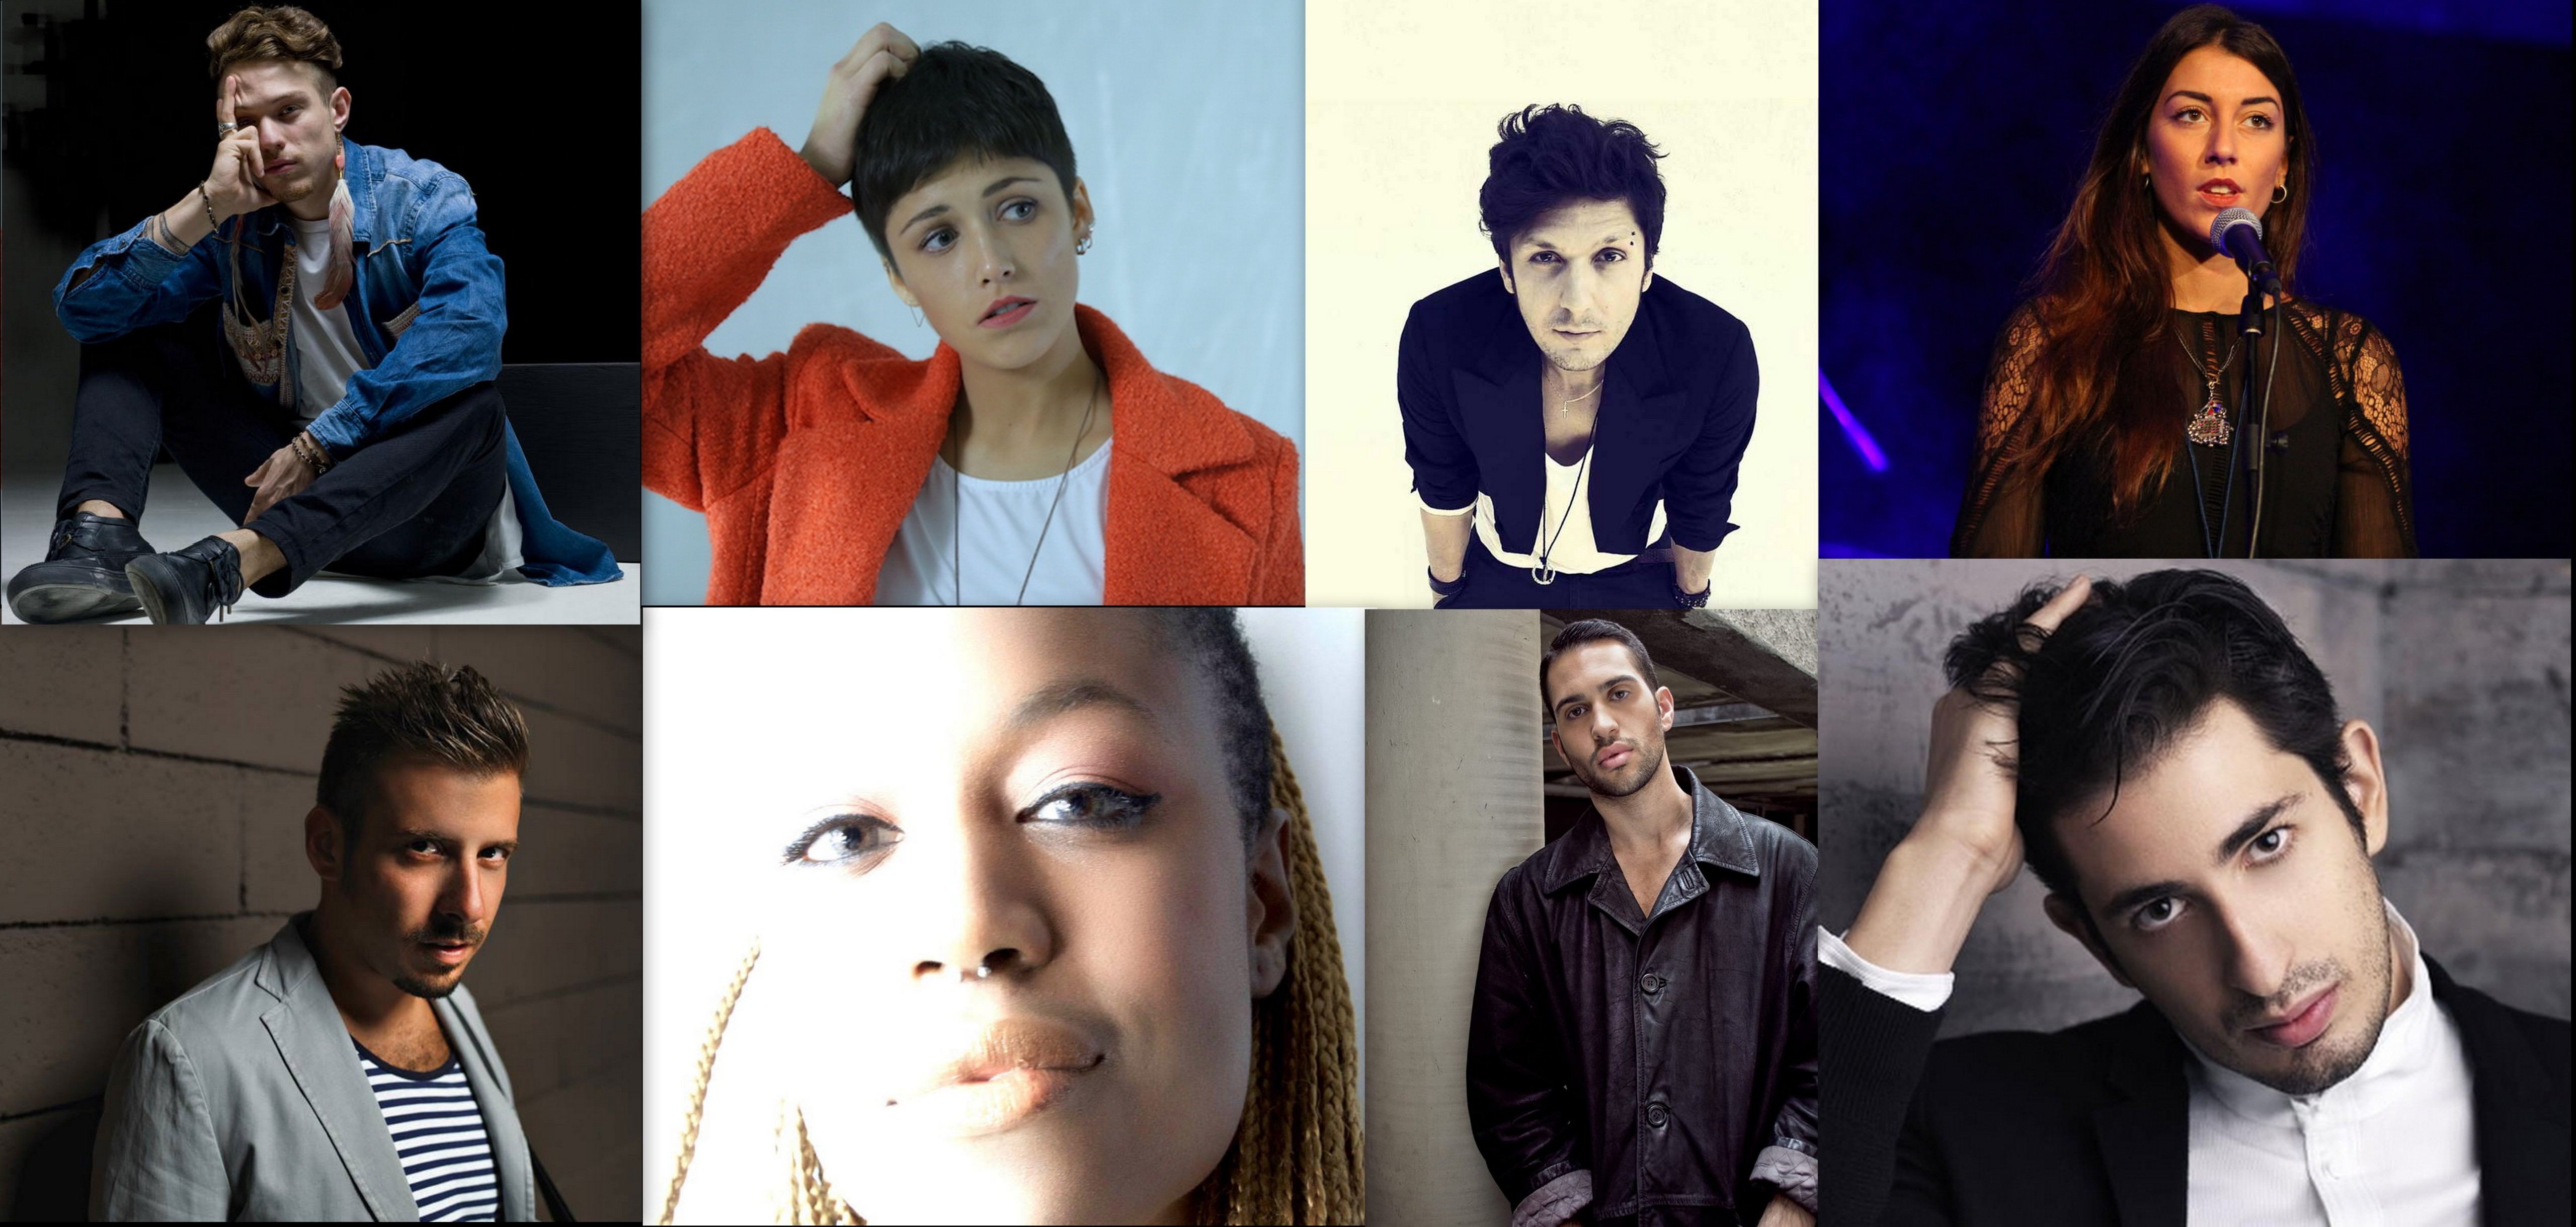 Sanremo 2016: ecco gli otto giovani in gara al Festival